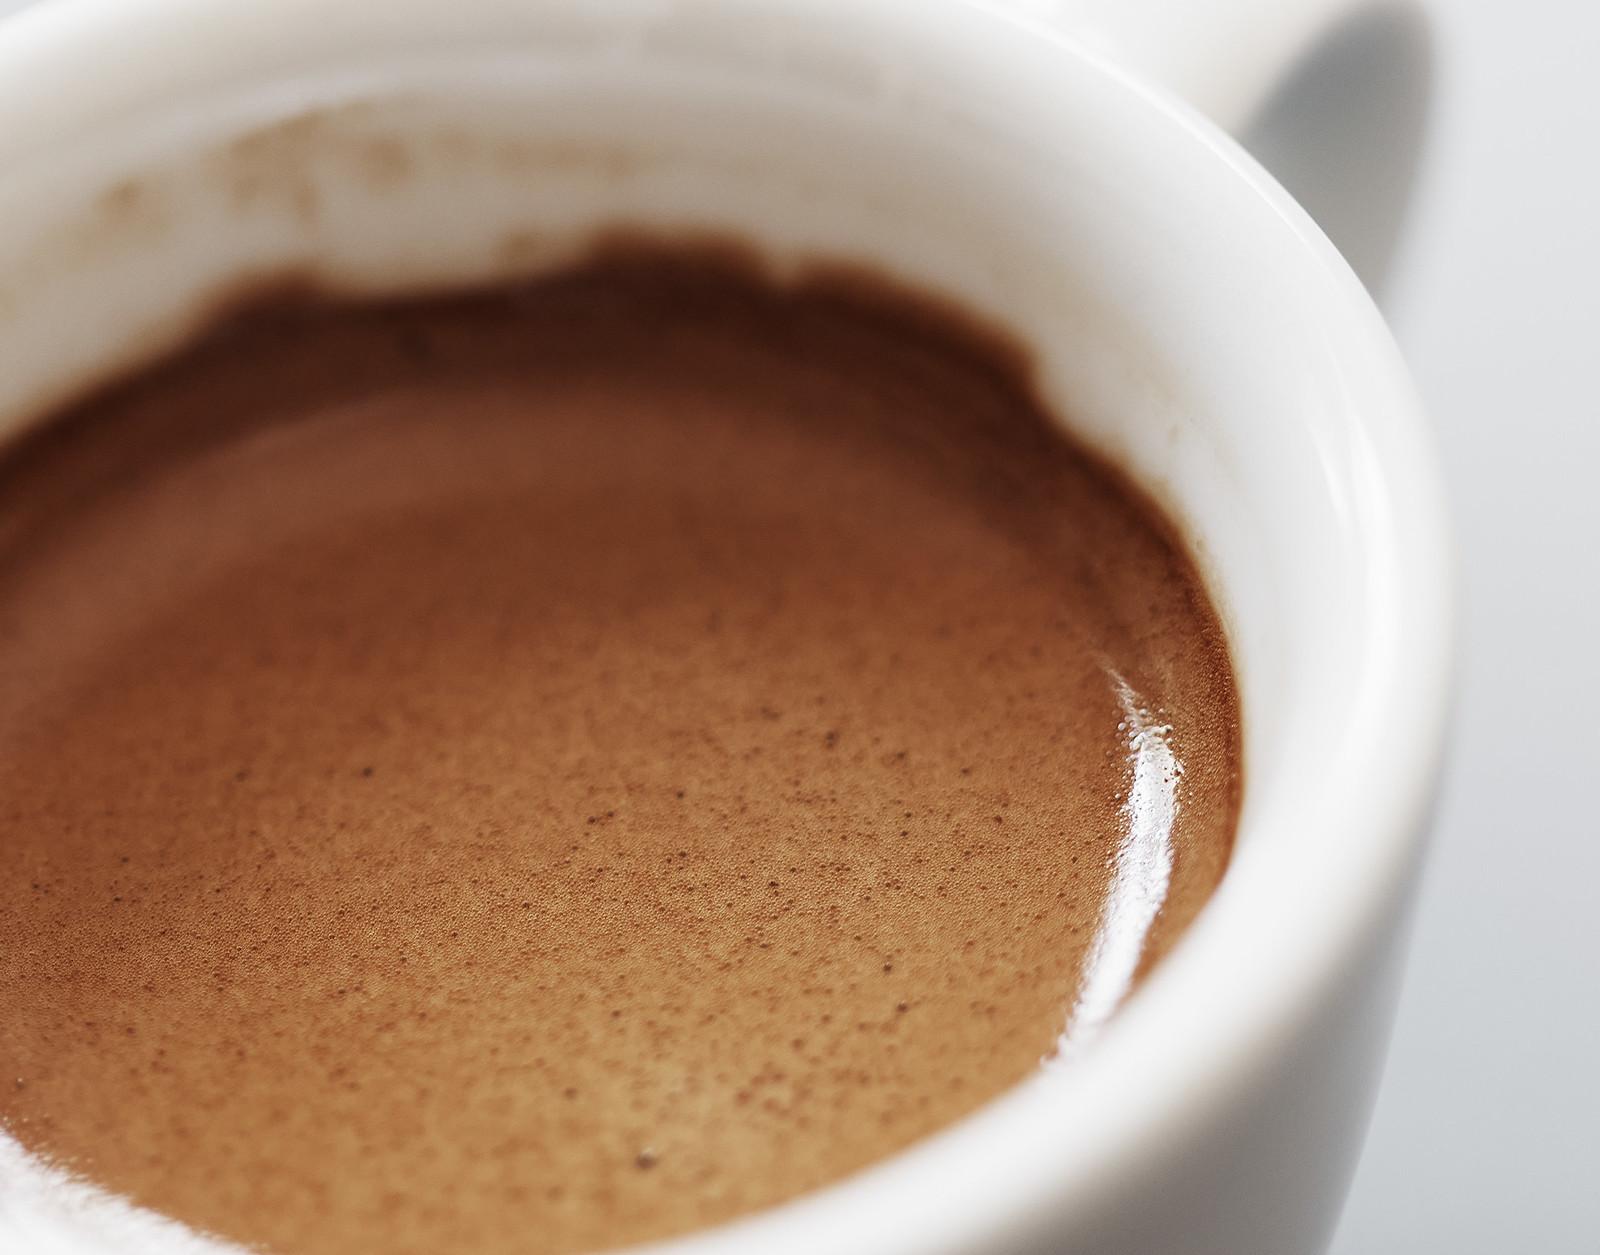 Crema trong Espresso và những điều chưa biết  PrimeCoffee (2)